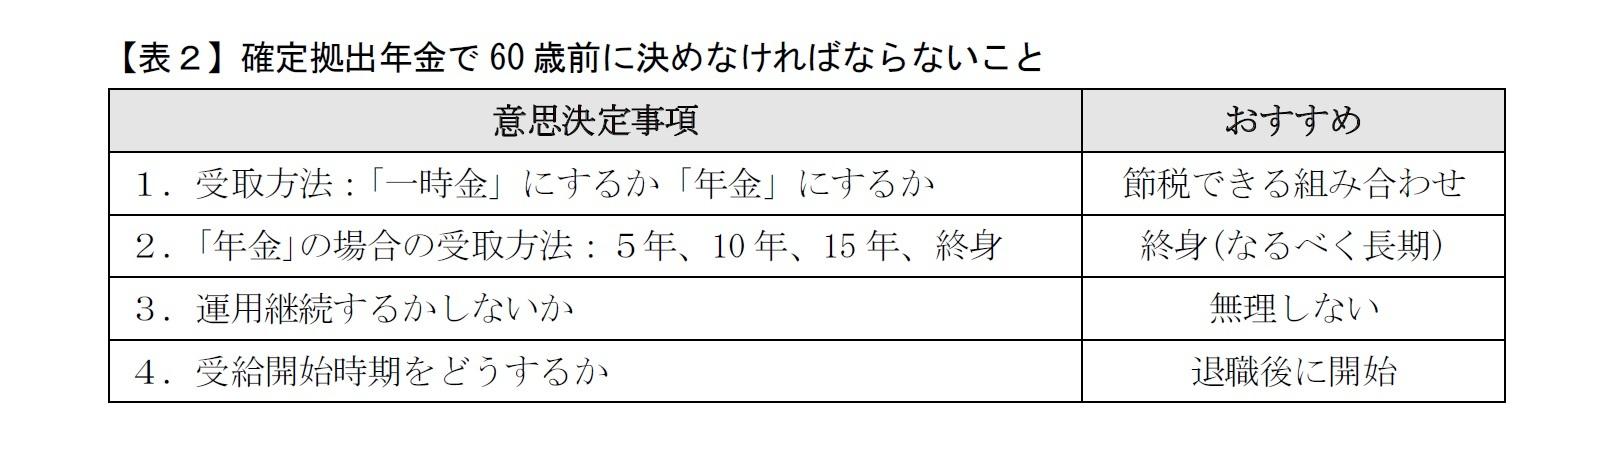 【表2】確定拠出年金で60歳前に決めなければならないこと